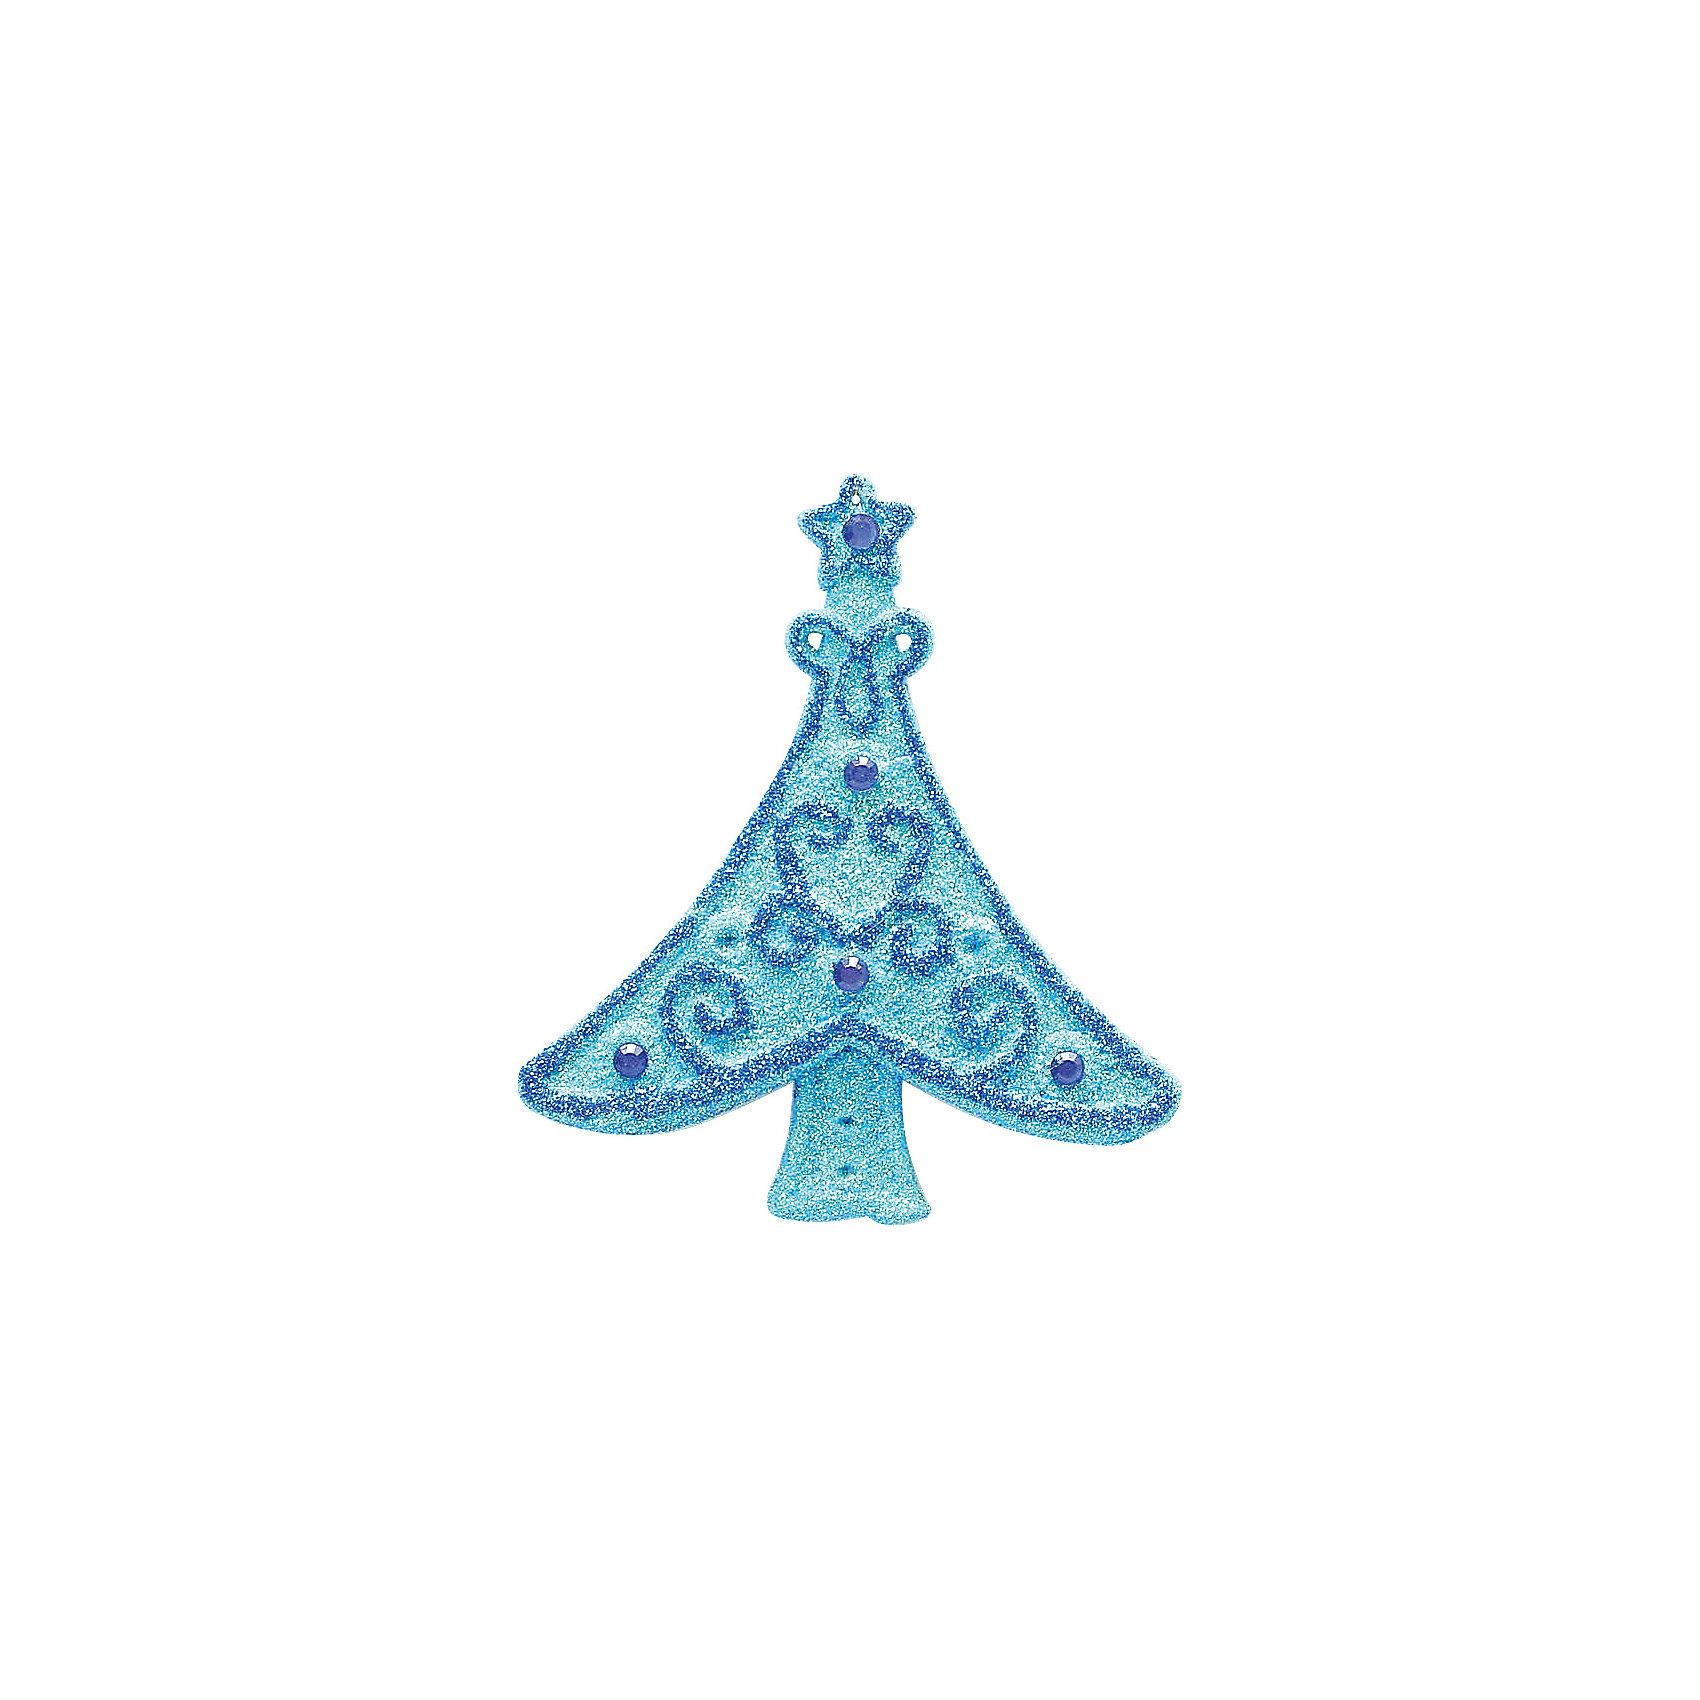 Украшение Ёлочка 13*12 смВсё для праздника<br>Украшение Ёлочка, Marko Ferenzo, замечательно украсит Вашу новогоднюю елку или интерьер и создаст праздничное настроение. Украшение выполнено в виде нарядной голубой елочки, красиво декорированной синими узорами. <br><br>Дополнительная информация:<br><br>- Цвет: голубой, синий.<br>- Размер украшения: 13 х 12 см.<br><br>Украшение Ёлочка, Marko Ferenzo, можно купить в нашем интернет-магазине.<br><br>Ширина мм: 100<br>Глубина мм: 10<br>Высота мм: 100<br>Вес г: 521<br>Возраст от месяцев: 36<br>Возраст до месяцев: 2147483647<br>Пол: Унисекс<br>Возраст: Детский<br>SKU: 4418857